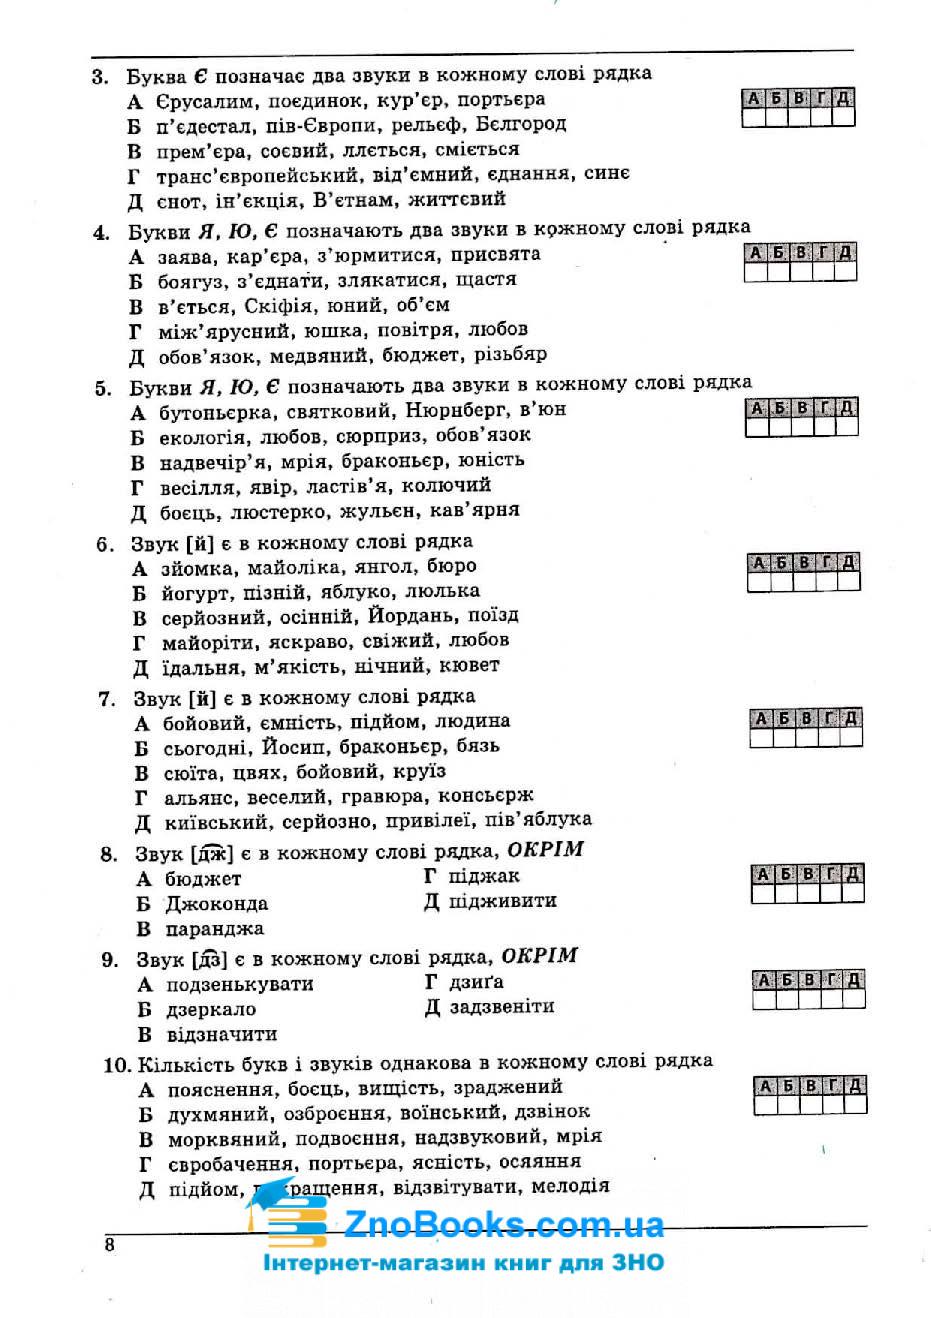 Українська мова та література ЗНО 2020. Довідник + тести : Куриліна О. Абетка. купити 8